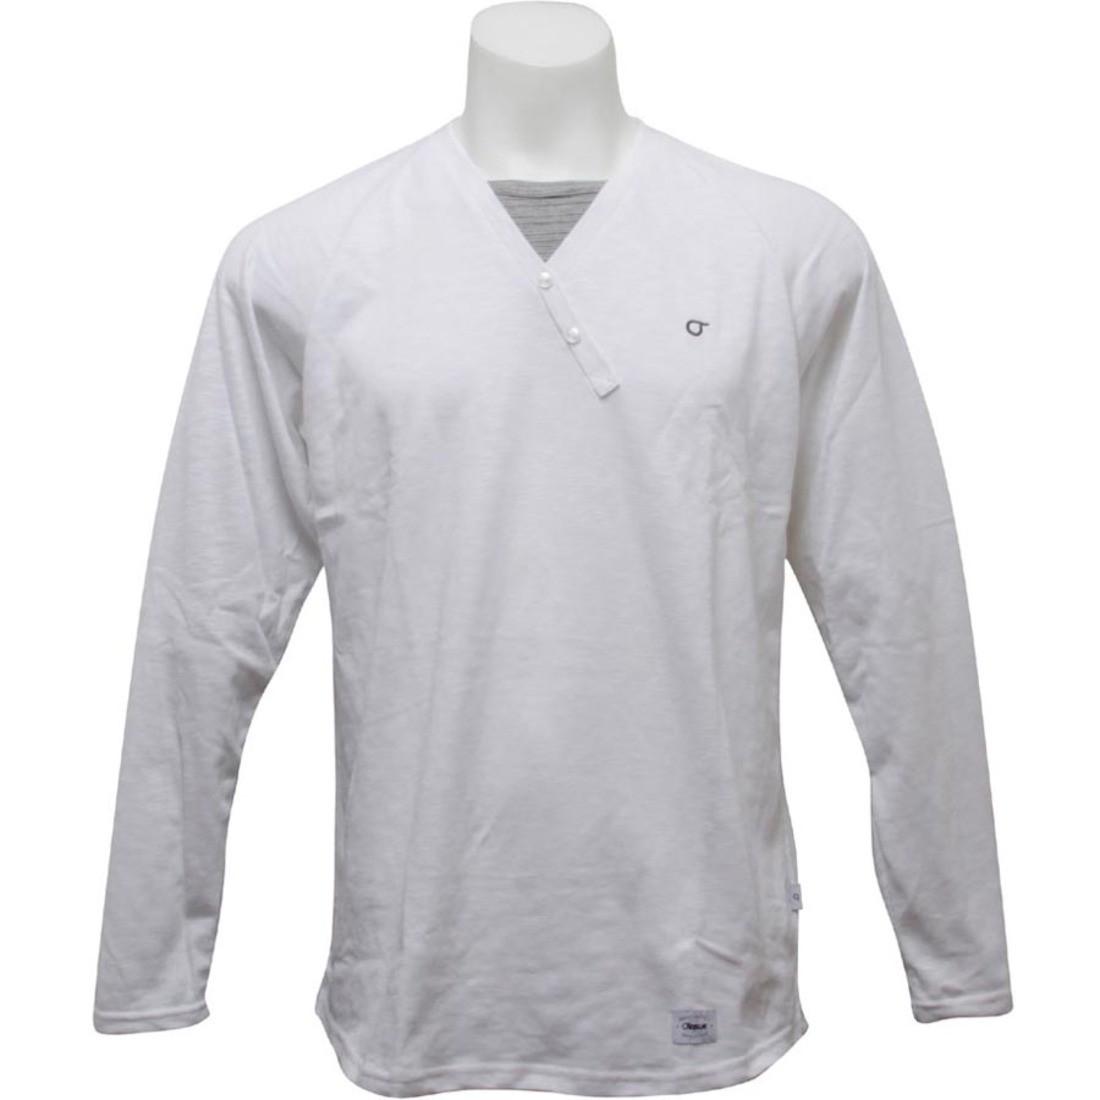 スリーブ ニット Tシャツ 白 ホワイト 【 SLEEVE WHITE ORISUE DOAN LONG AWESOME KNIT TEE 】 メンズファッション トップス Tシャツ カットソー